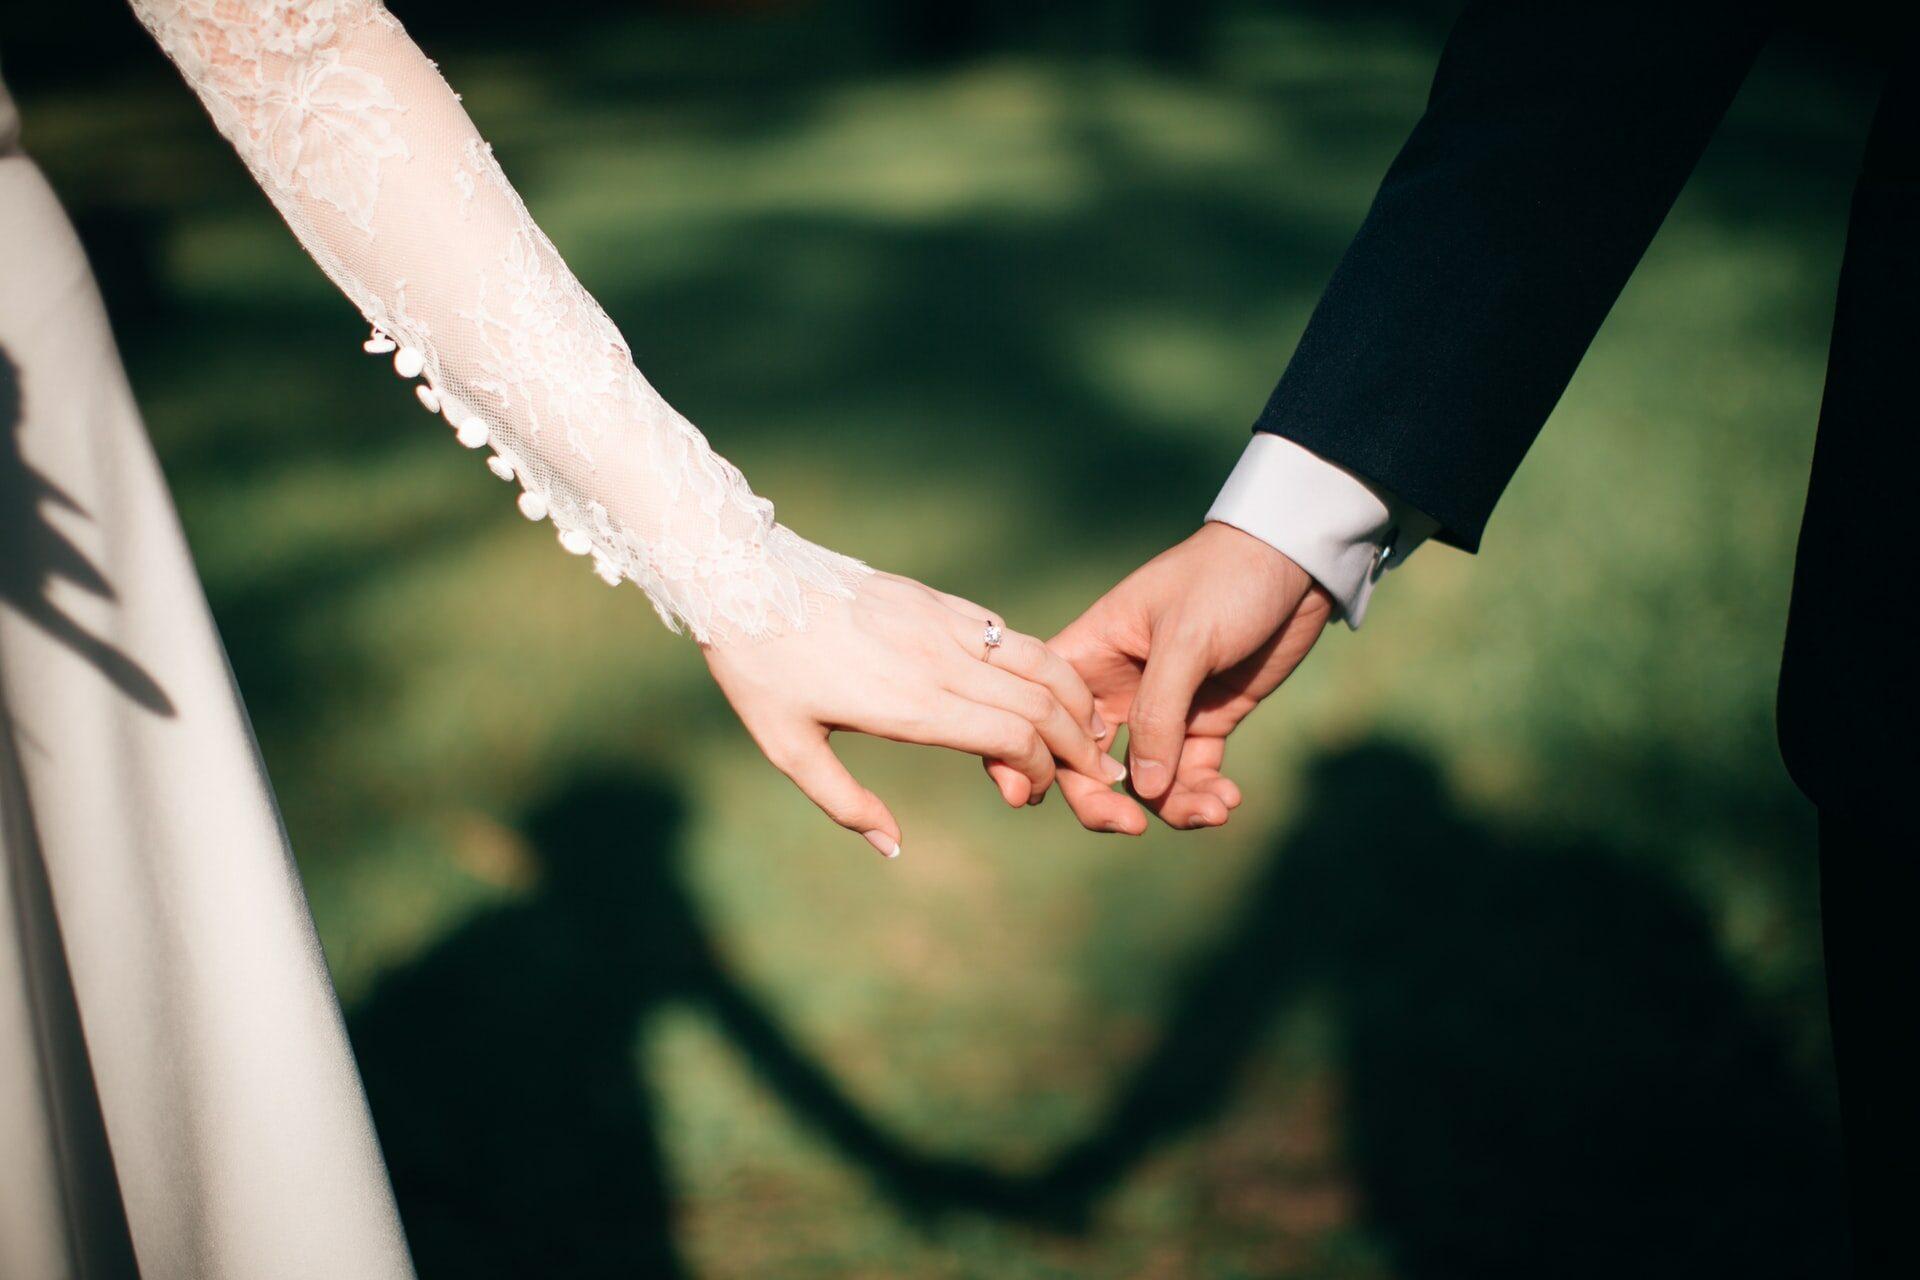 SJM, aneb společné jmění manželů